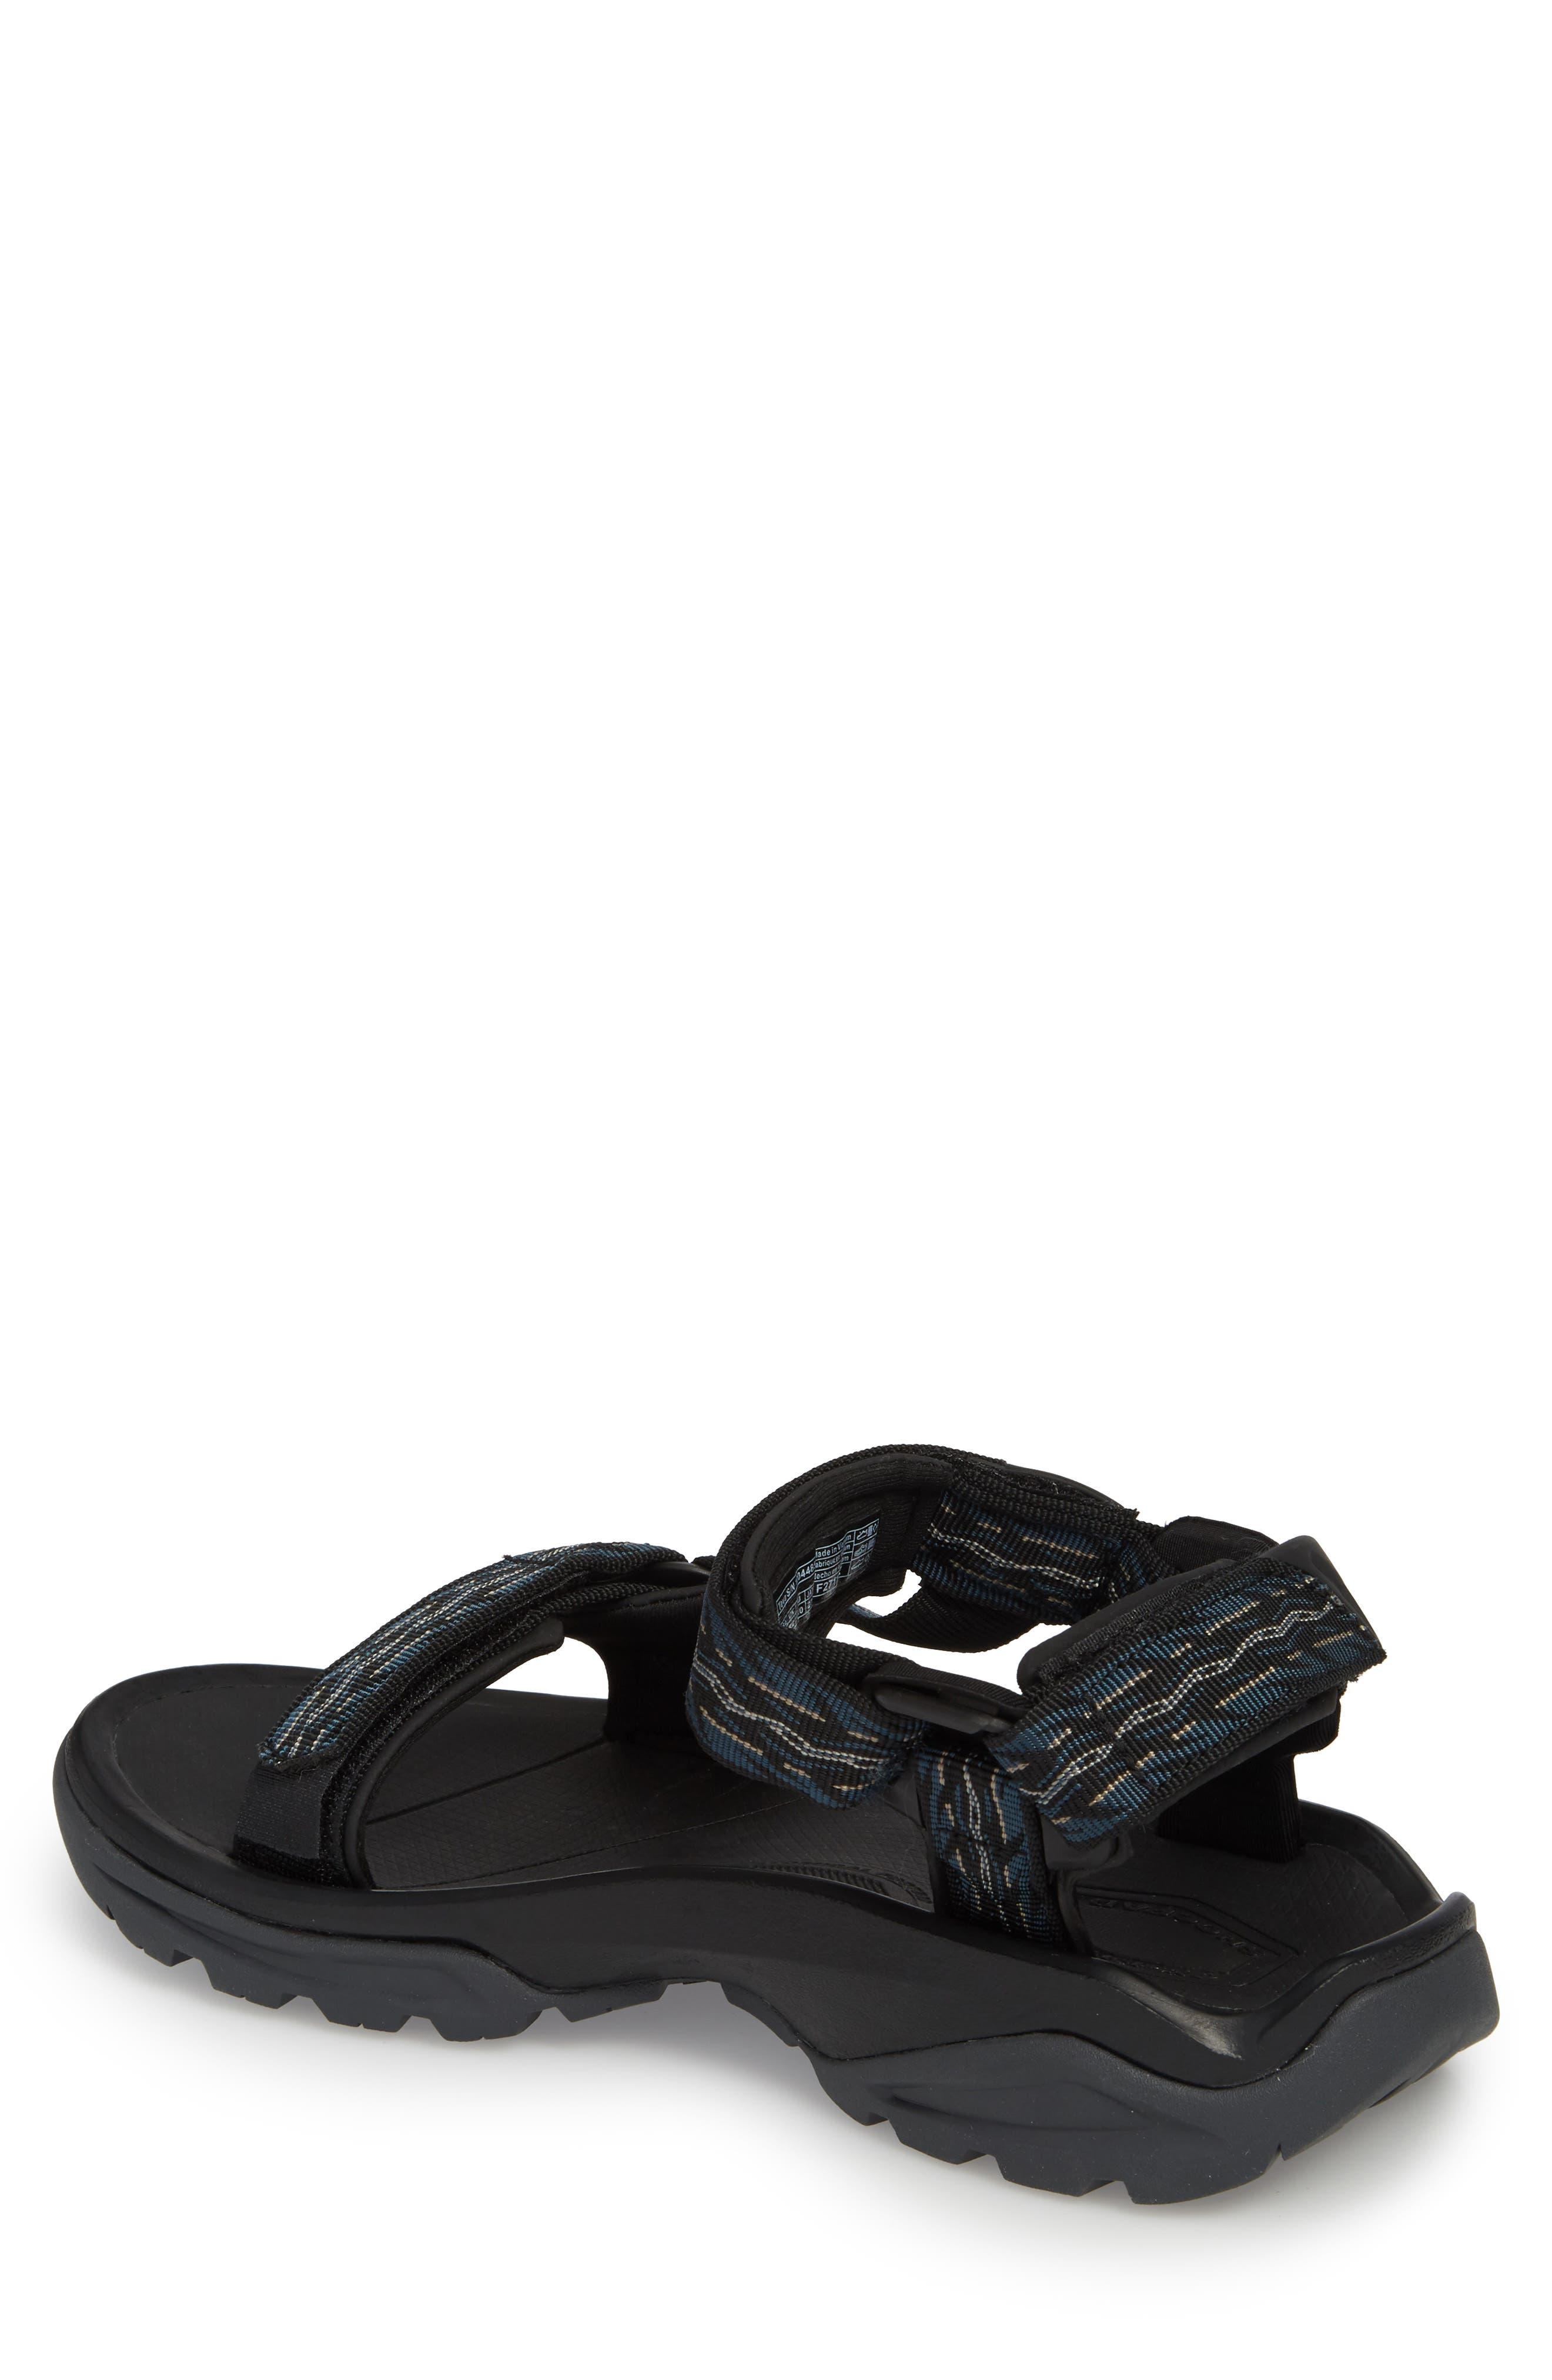 a57702b11342 Teva Sandals